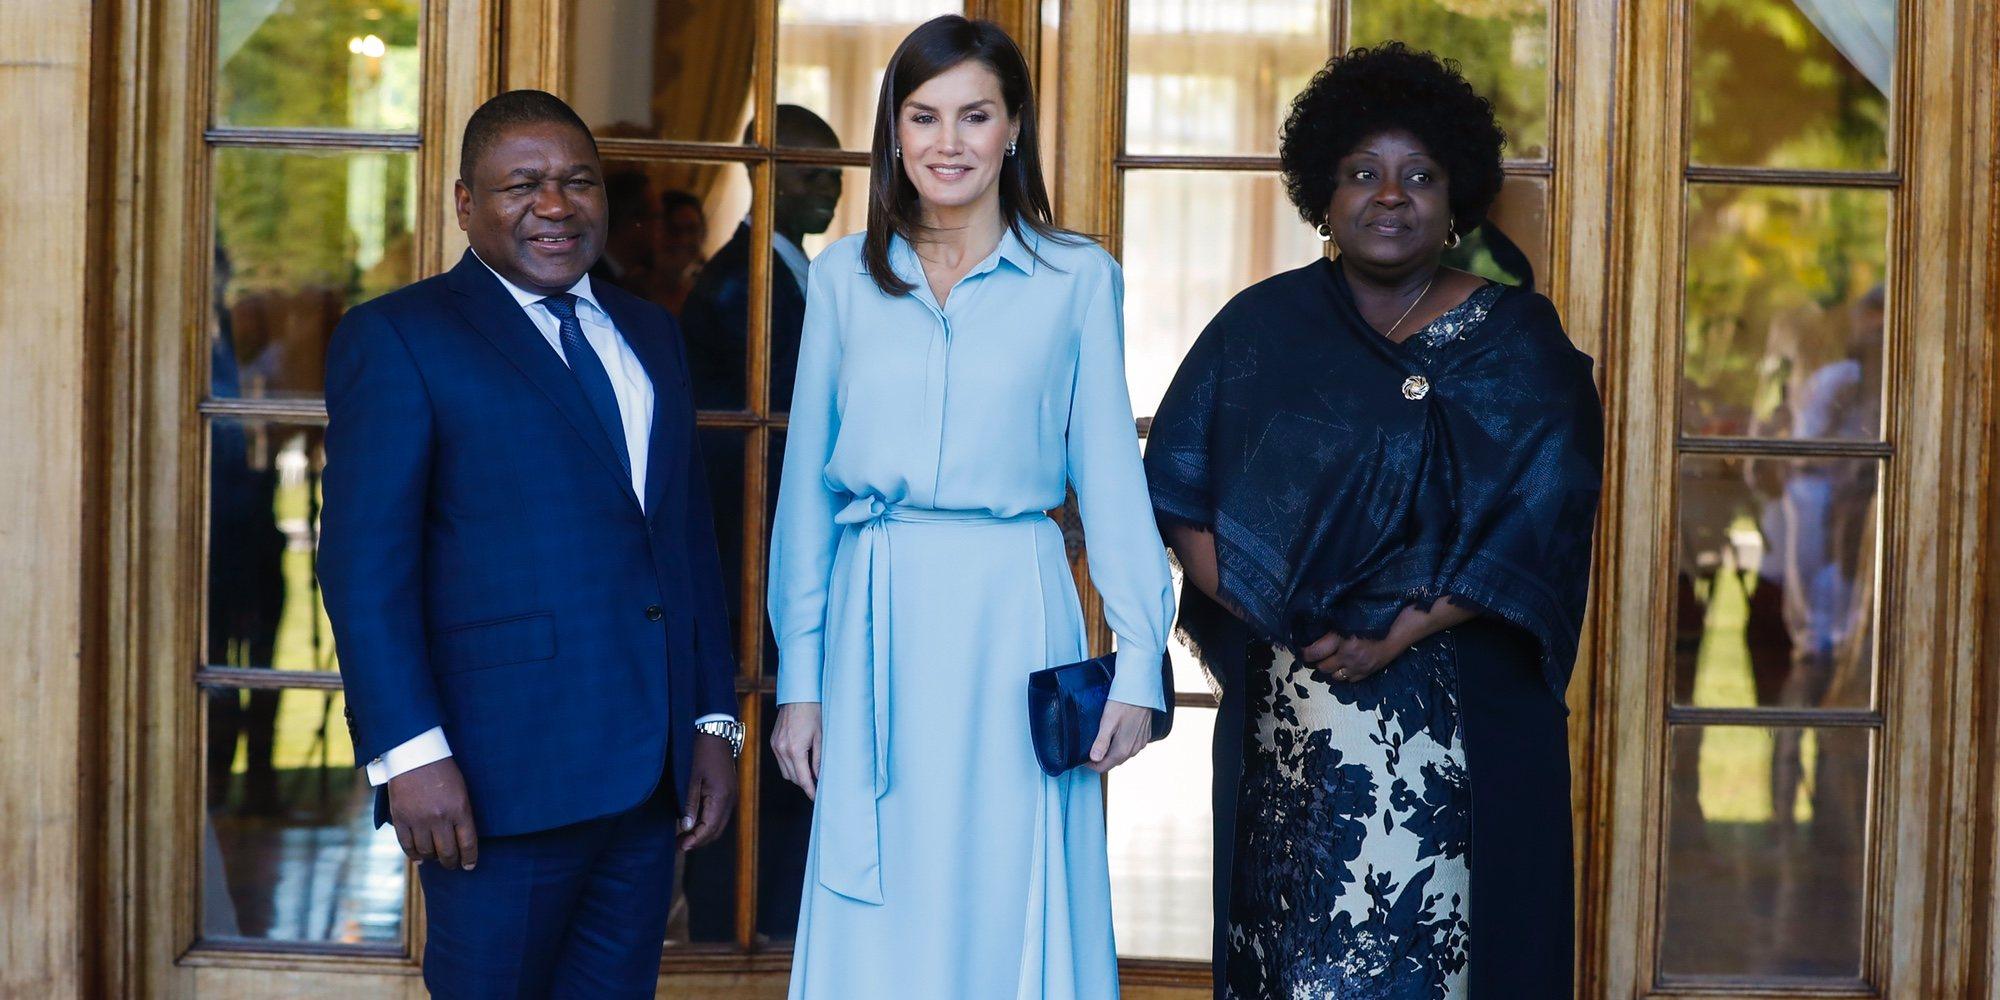 La reunión de cooperación de la Reina Letizia con el Presidente de Mozambique y su mujer